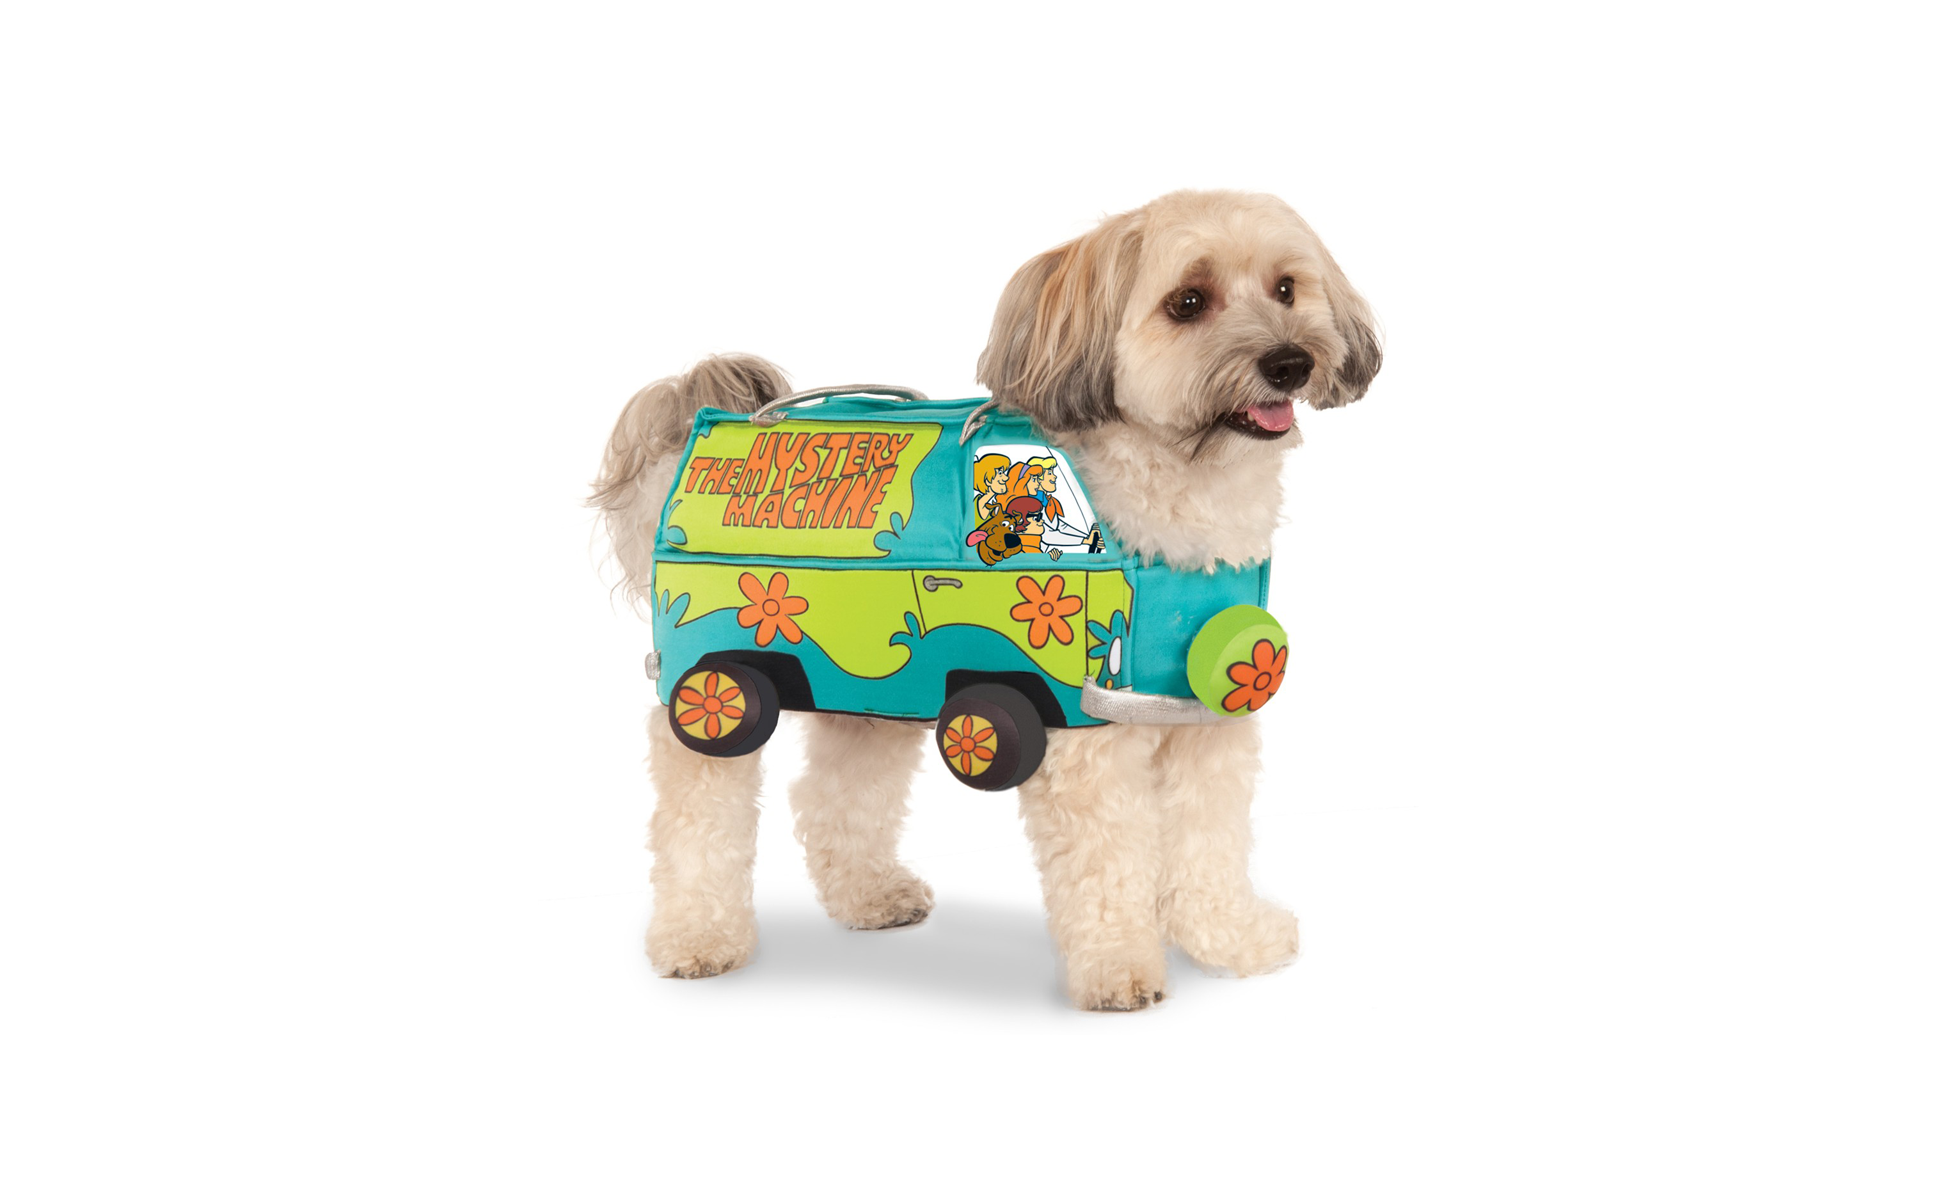 Scooby Doo Dog Costume on Amazon